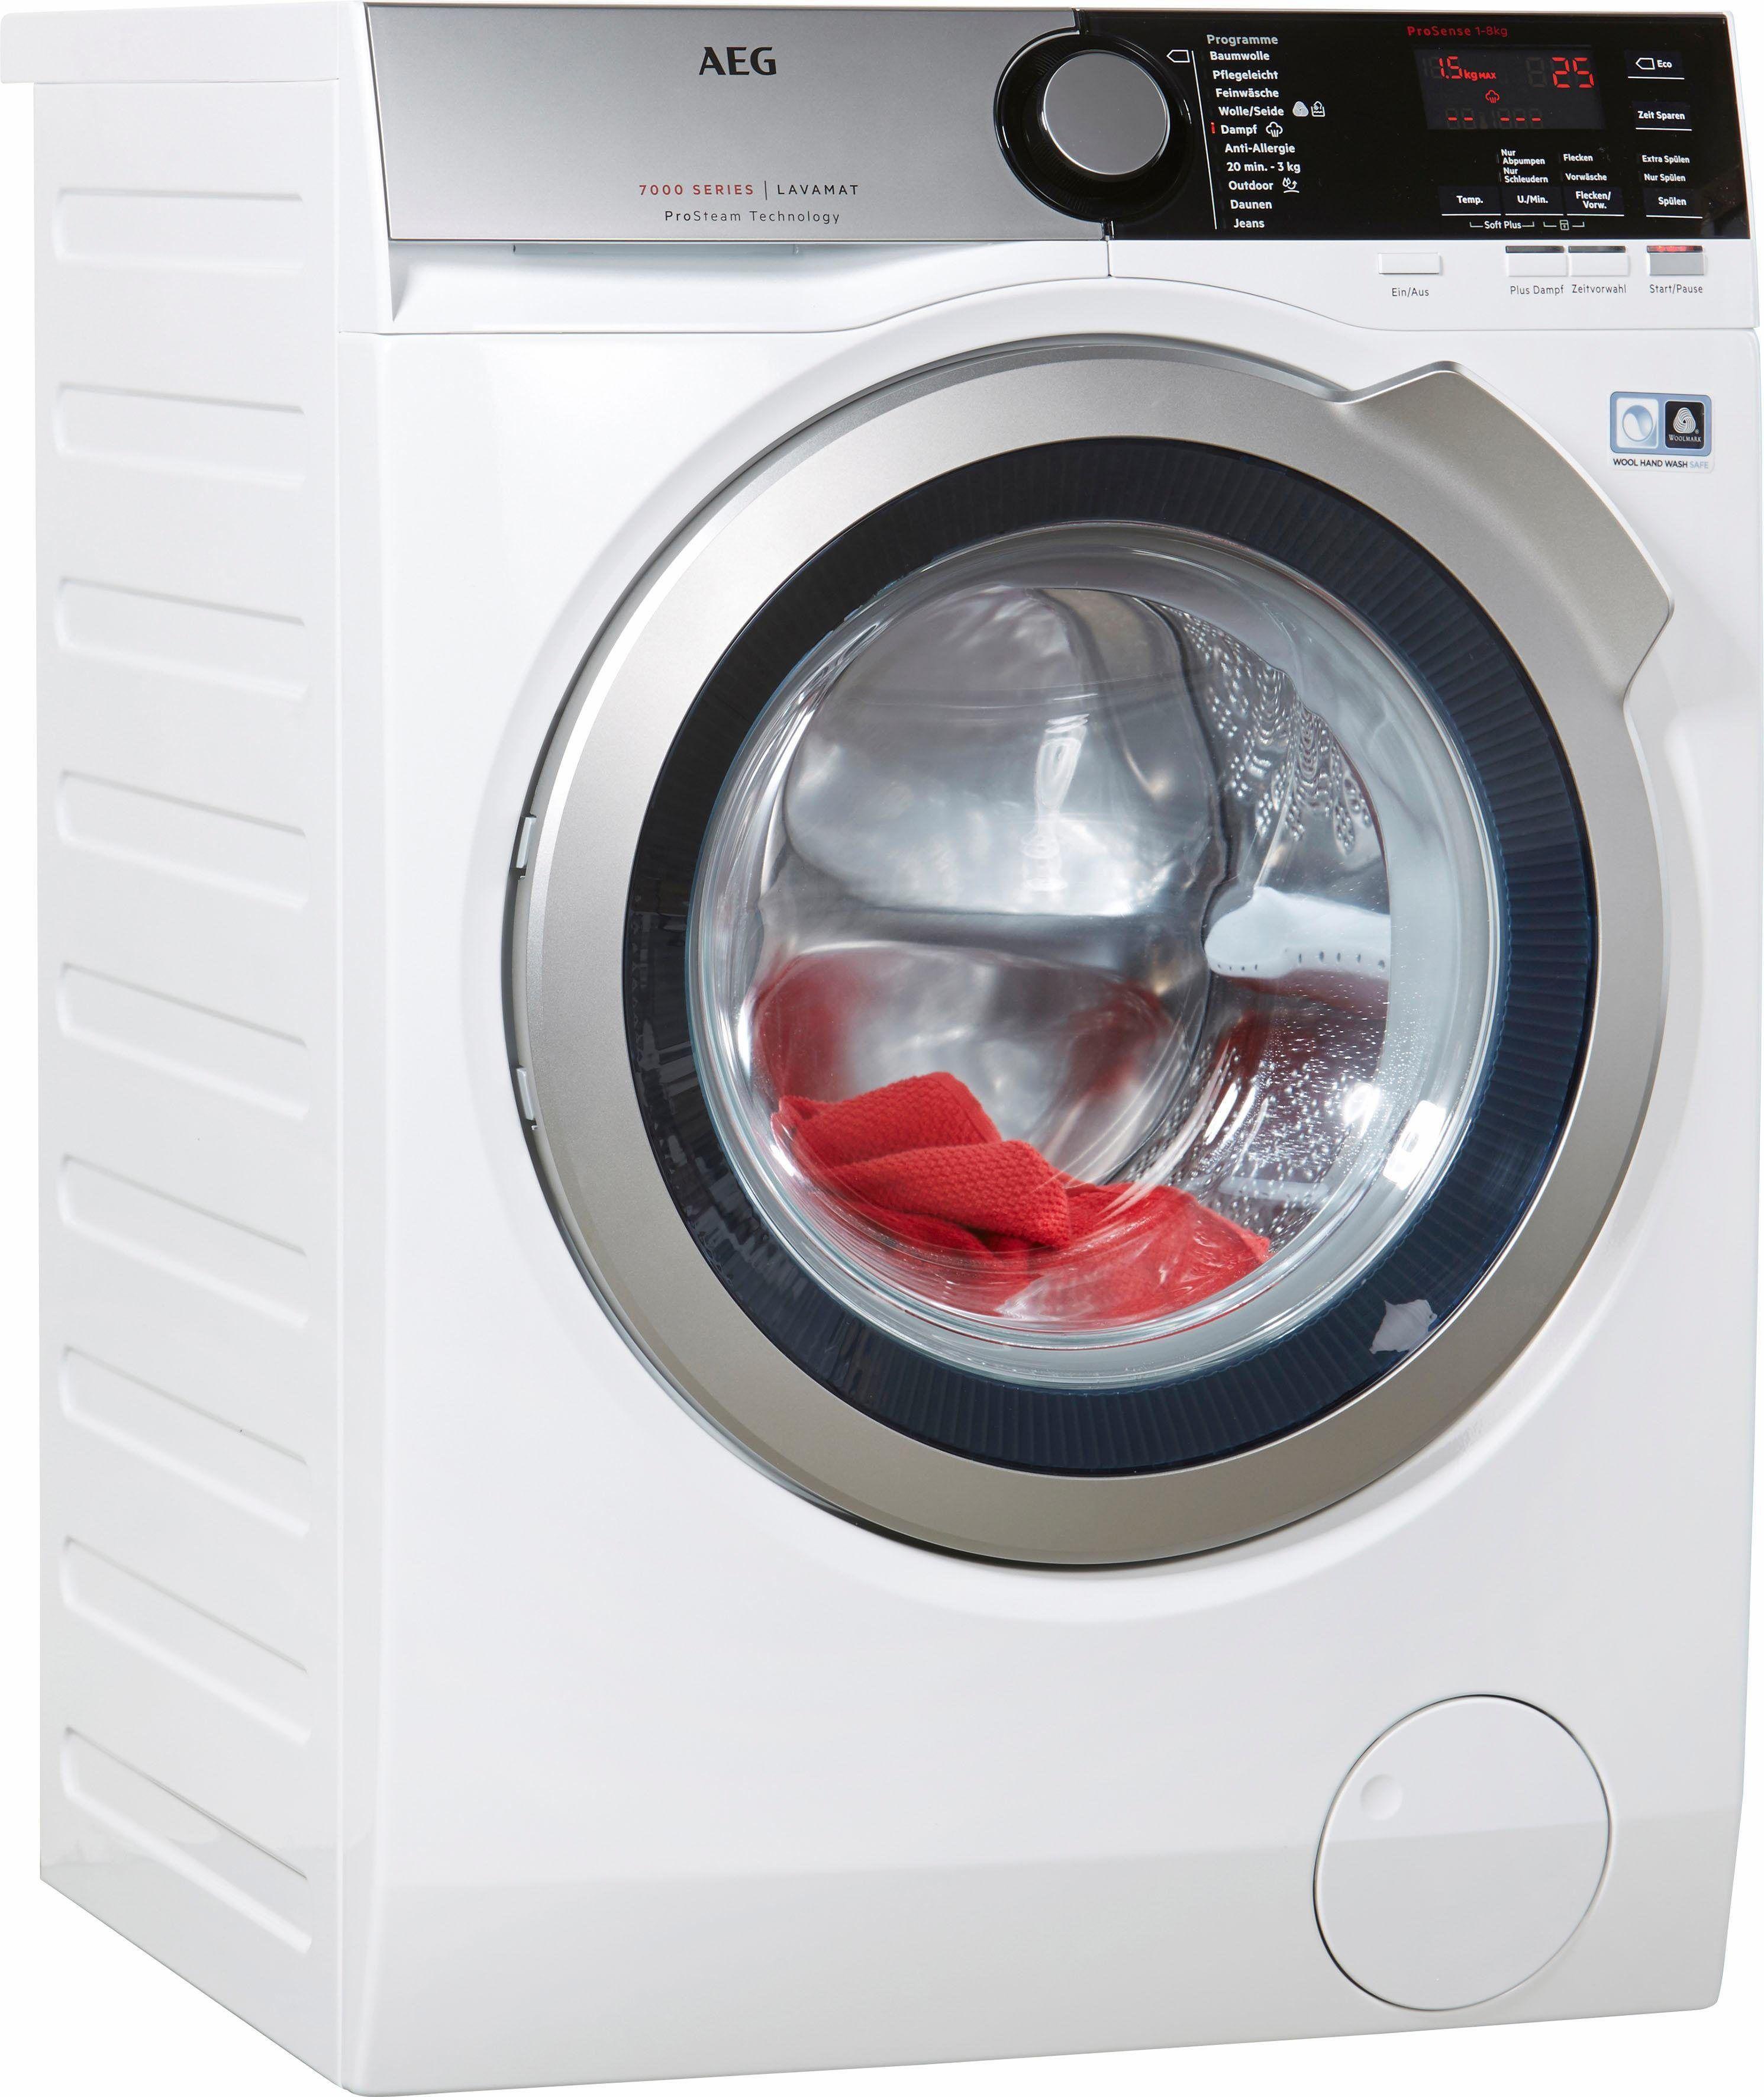 Aeg Waschmaschine L7fe68pros A 8 Kg 1600 U Min Aeg Waschmaschine Waschmaschine Wasche